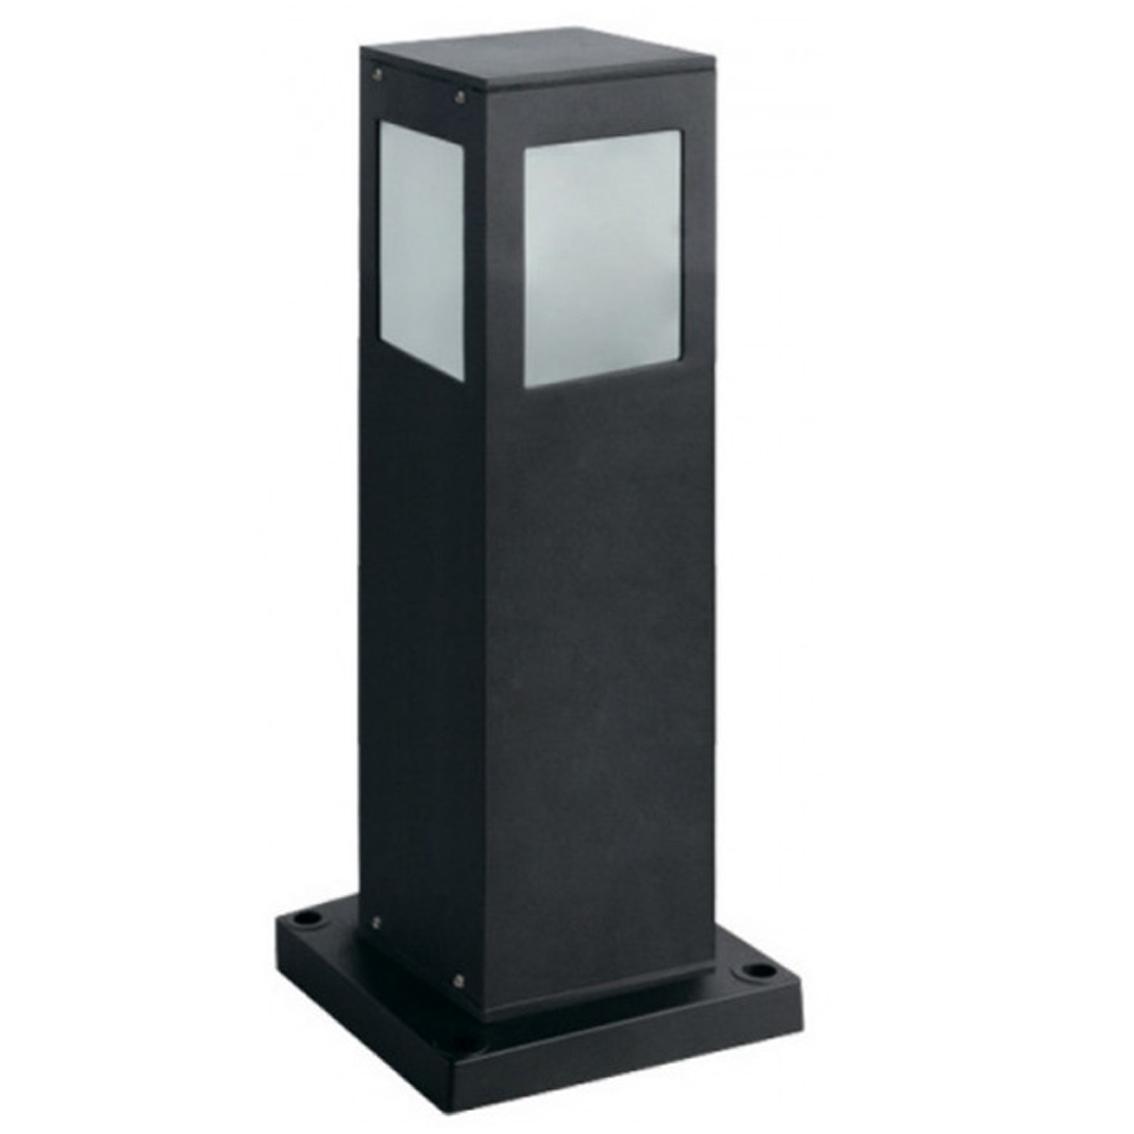 Vrtna lampa svjetiljka E27 HL KAVAK SQ-4 Horoz Elektro Vukojevic